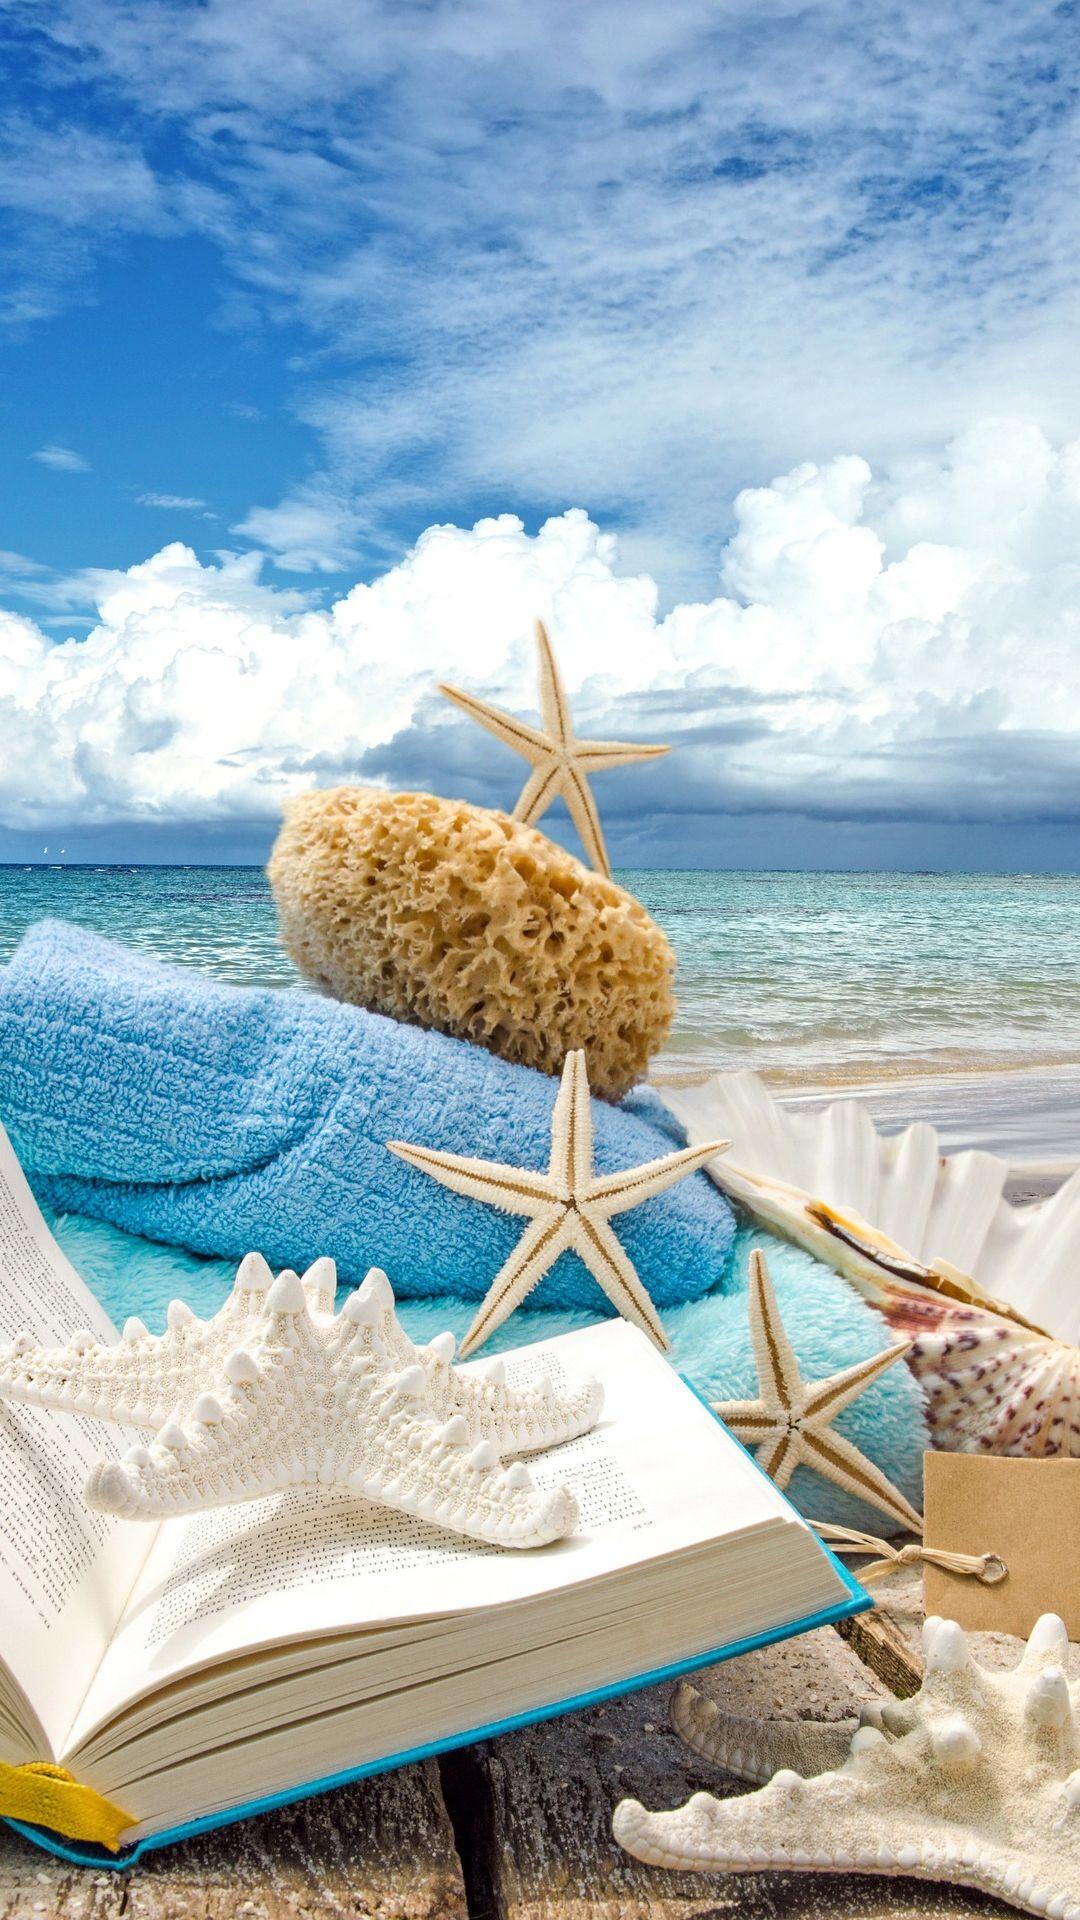 Best Of Free Wallpaper Summer Beach | The Most Beautiful Beach …